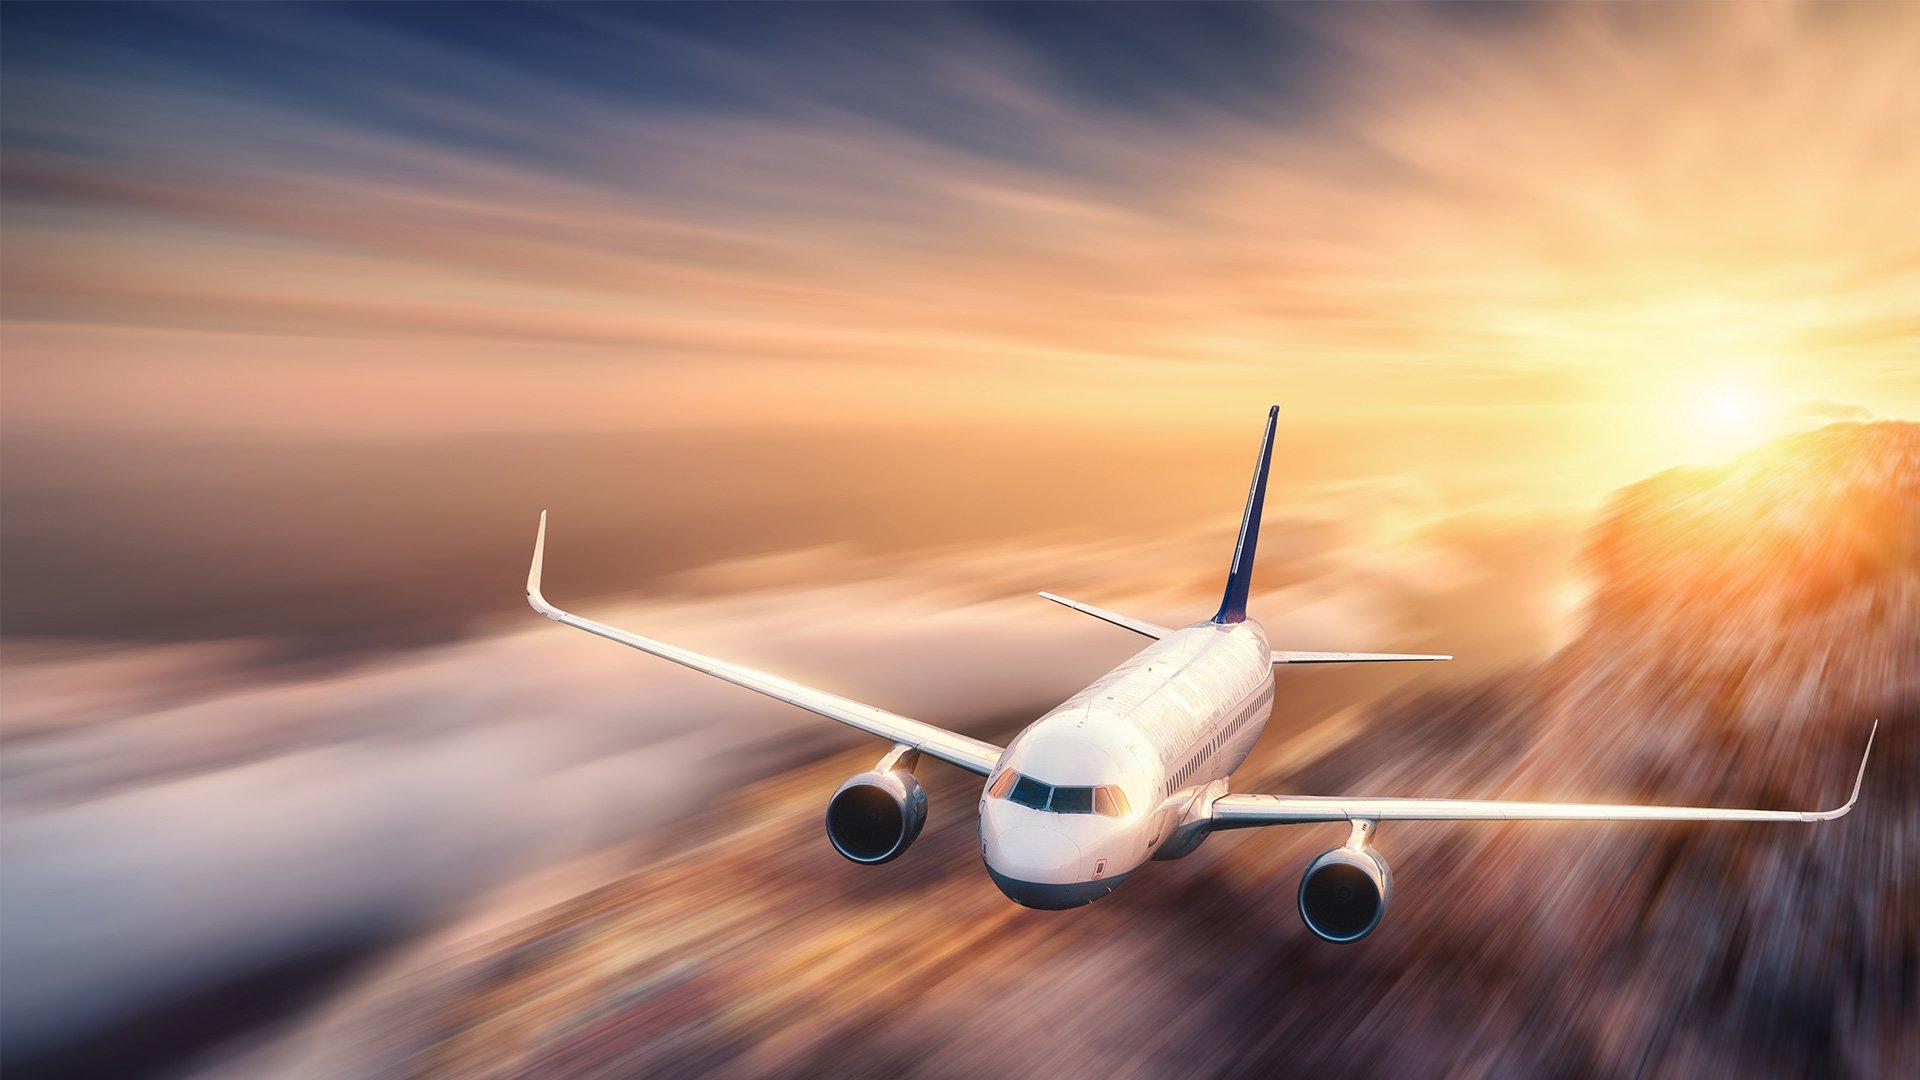 Flugzeug am Himmel mit Sonne im Hintergrund